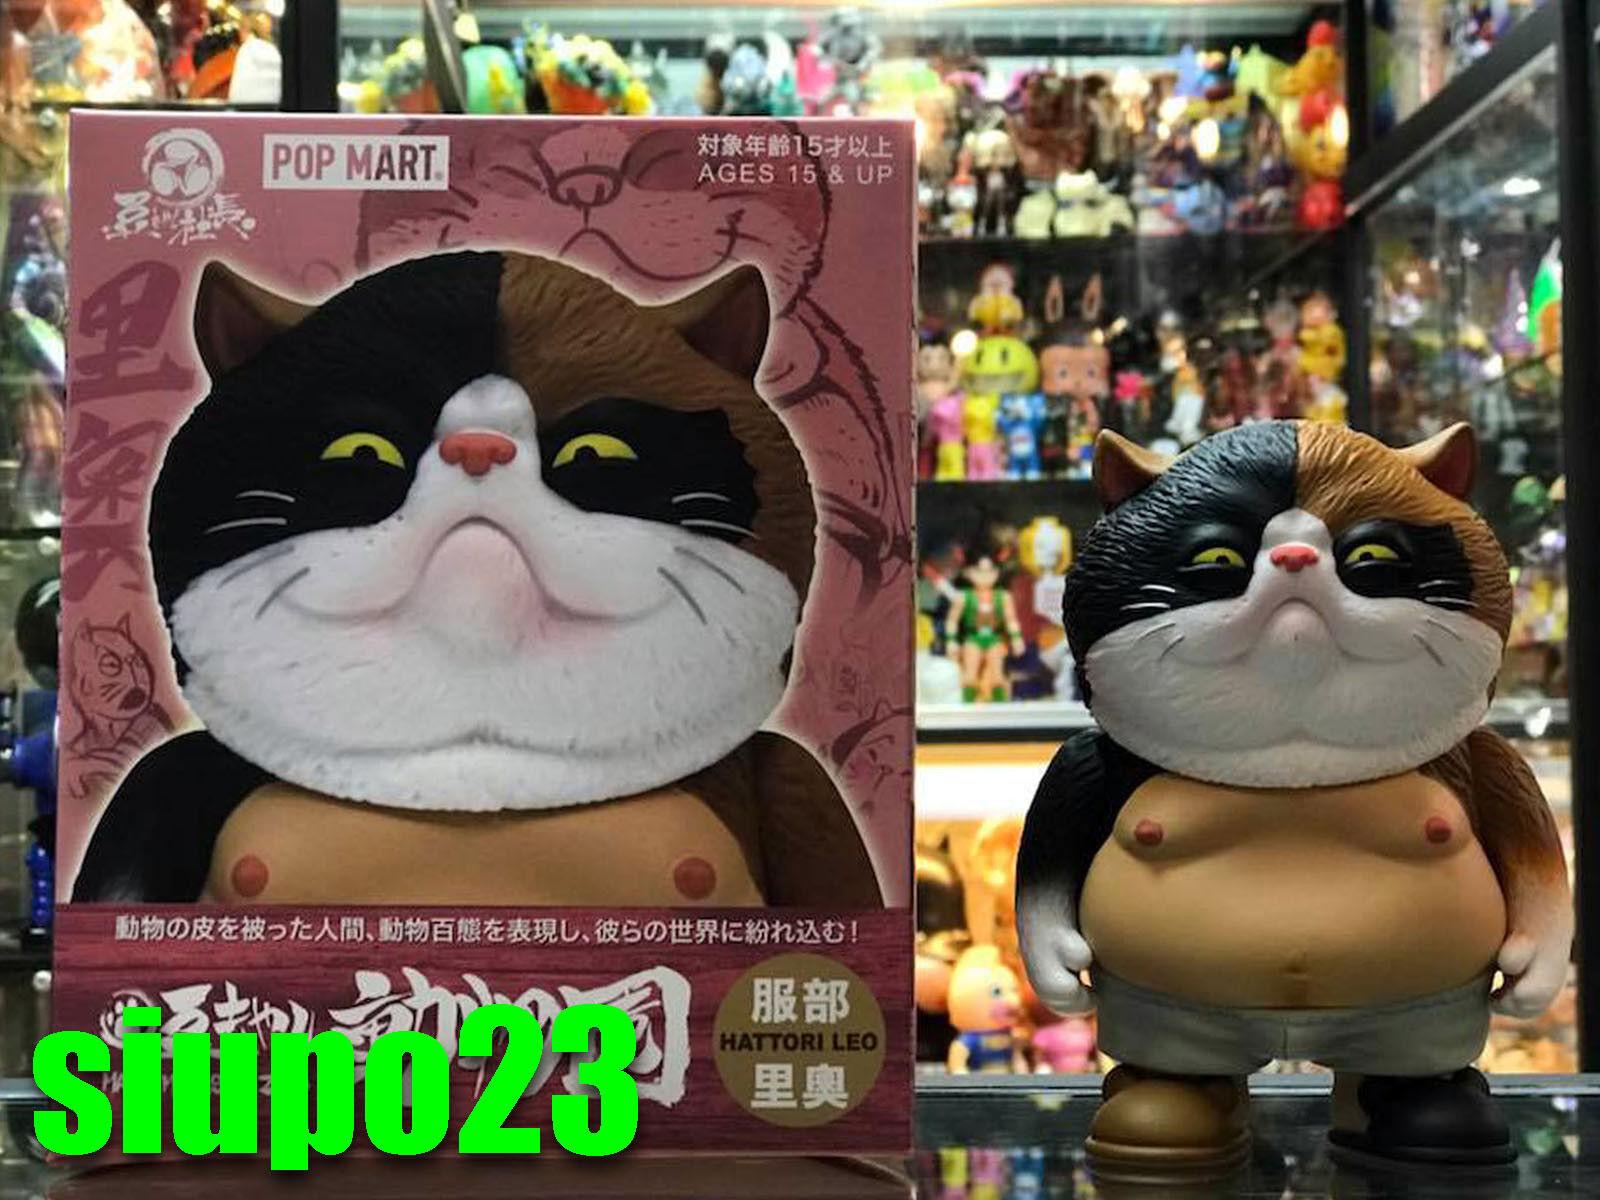 Moyashi mami Moyashi Mamy Zoo x pop - Mart etileno Hattori Leo